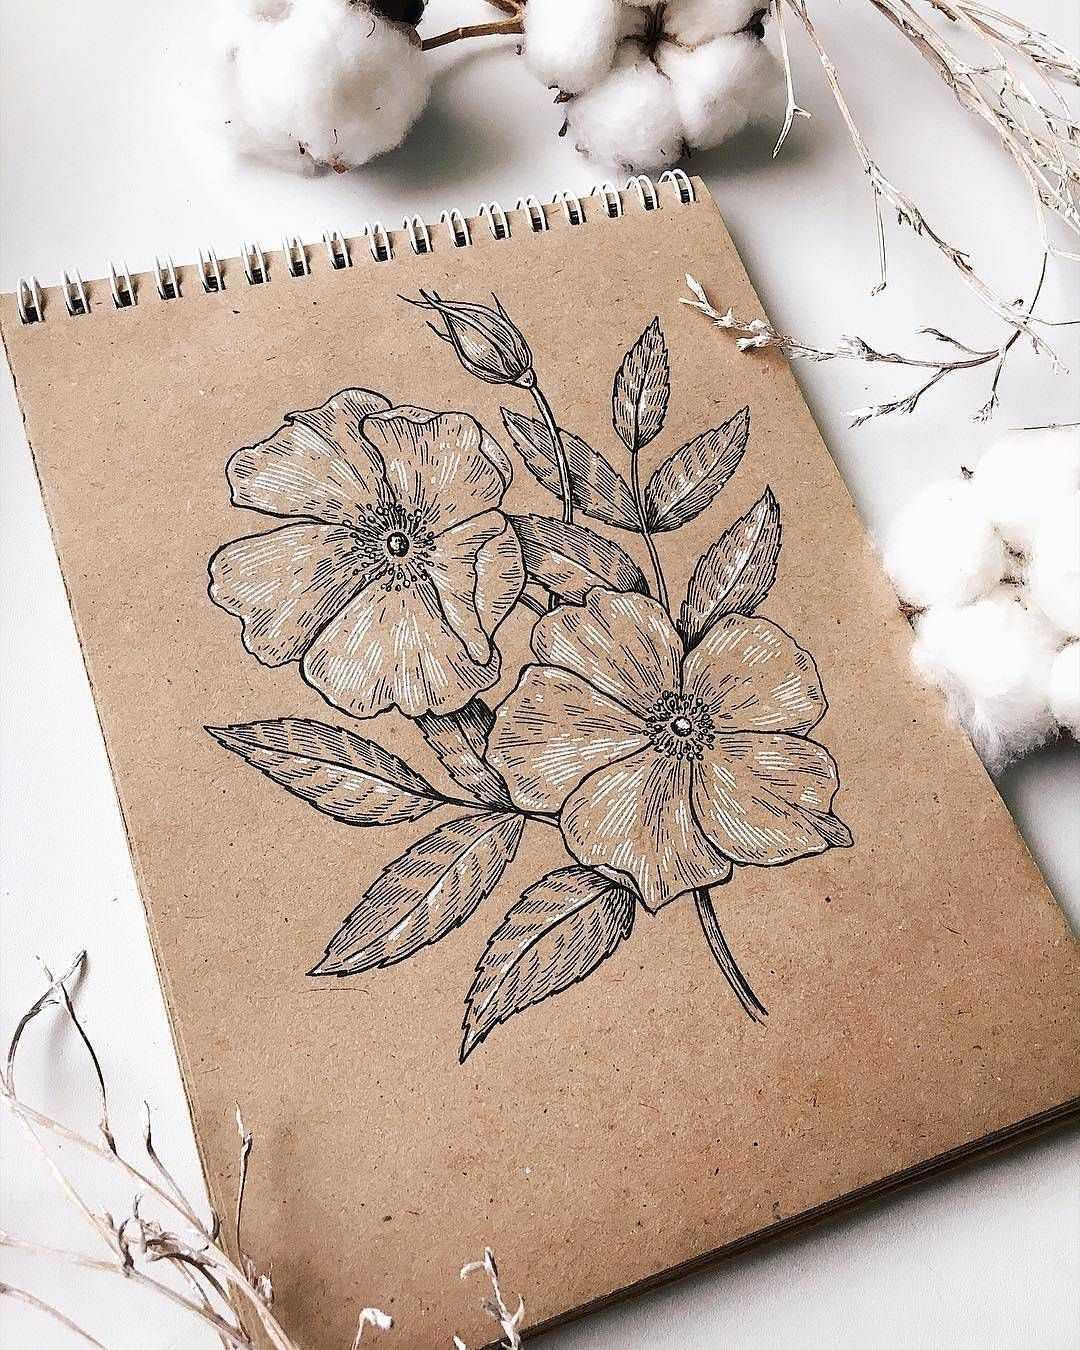 Рисование: много бумаги, краски и кисти